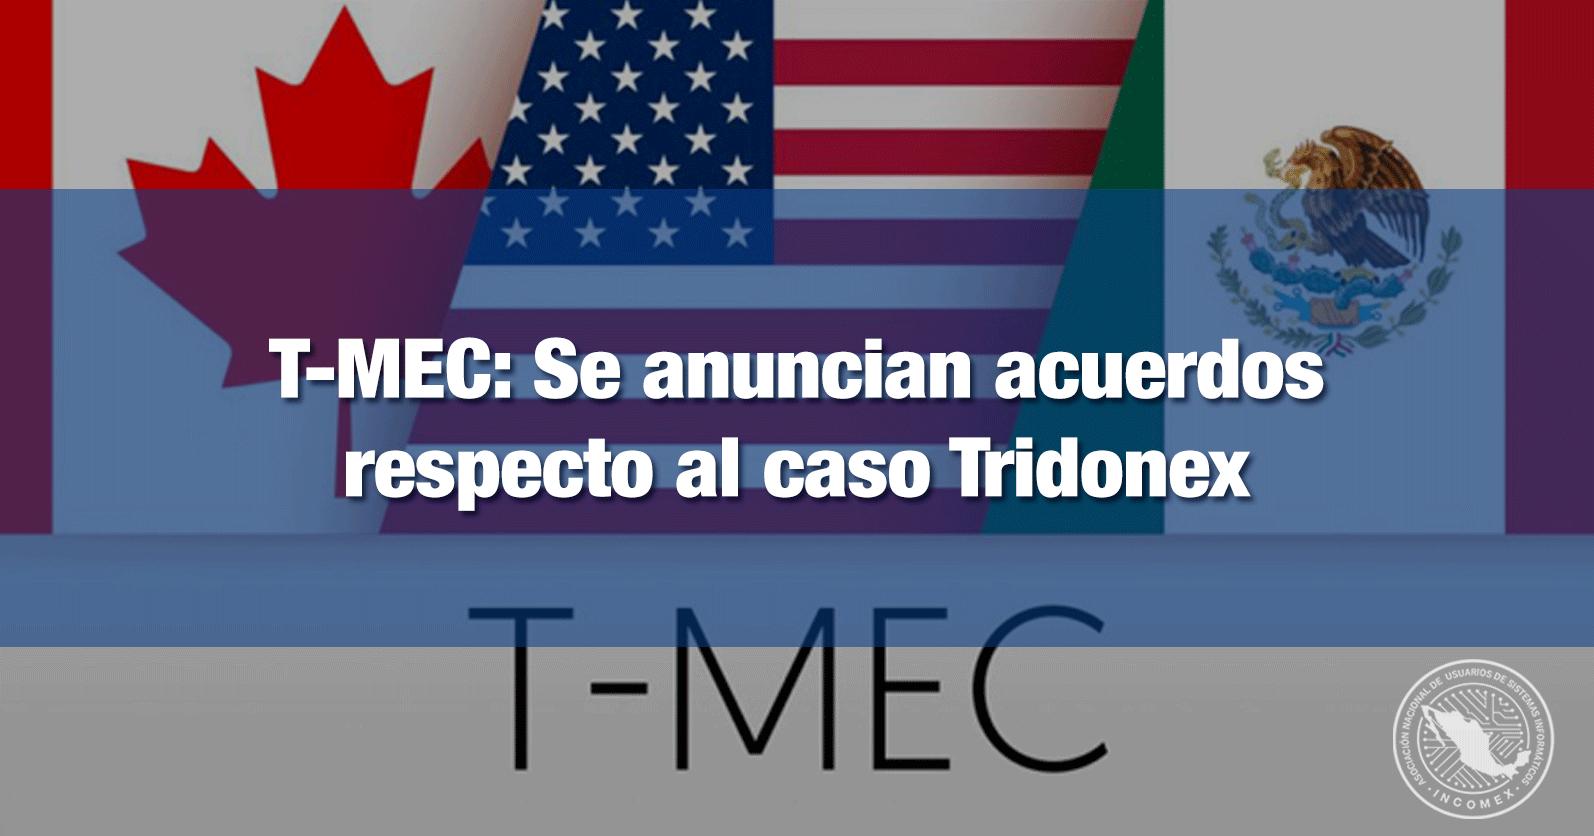 T-MEC: Se anuncian acuerdos respecto al caso Tridonex